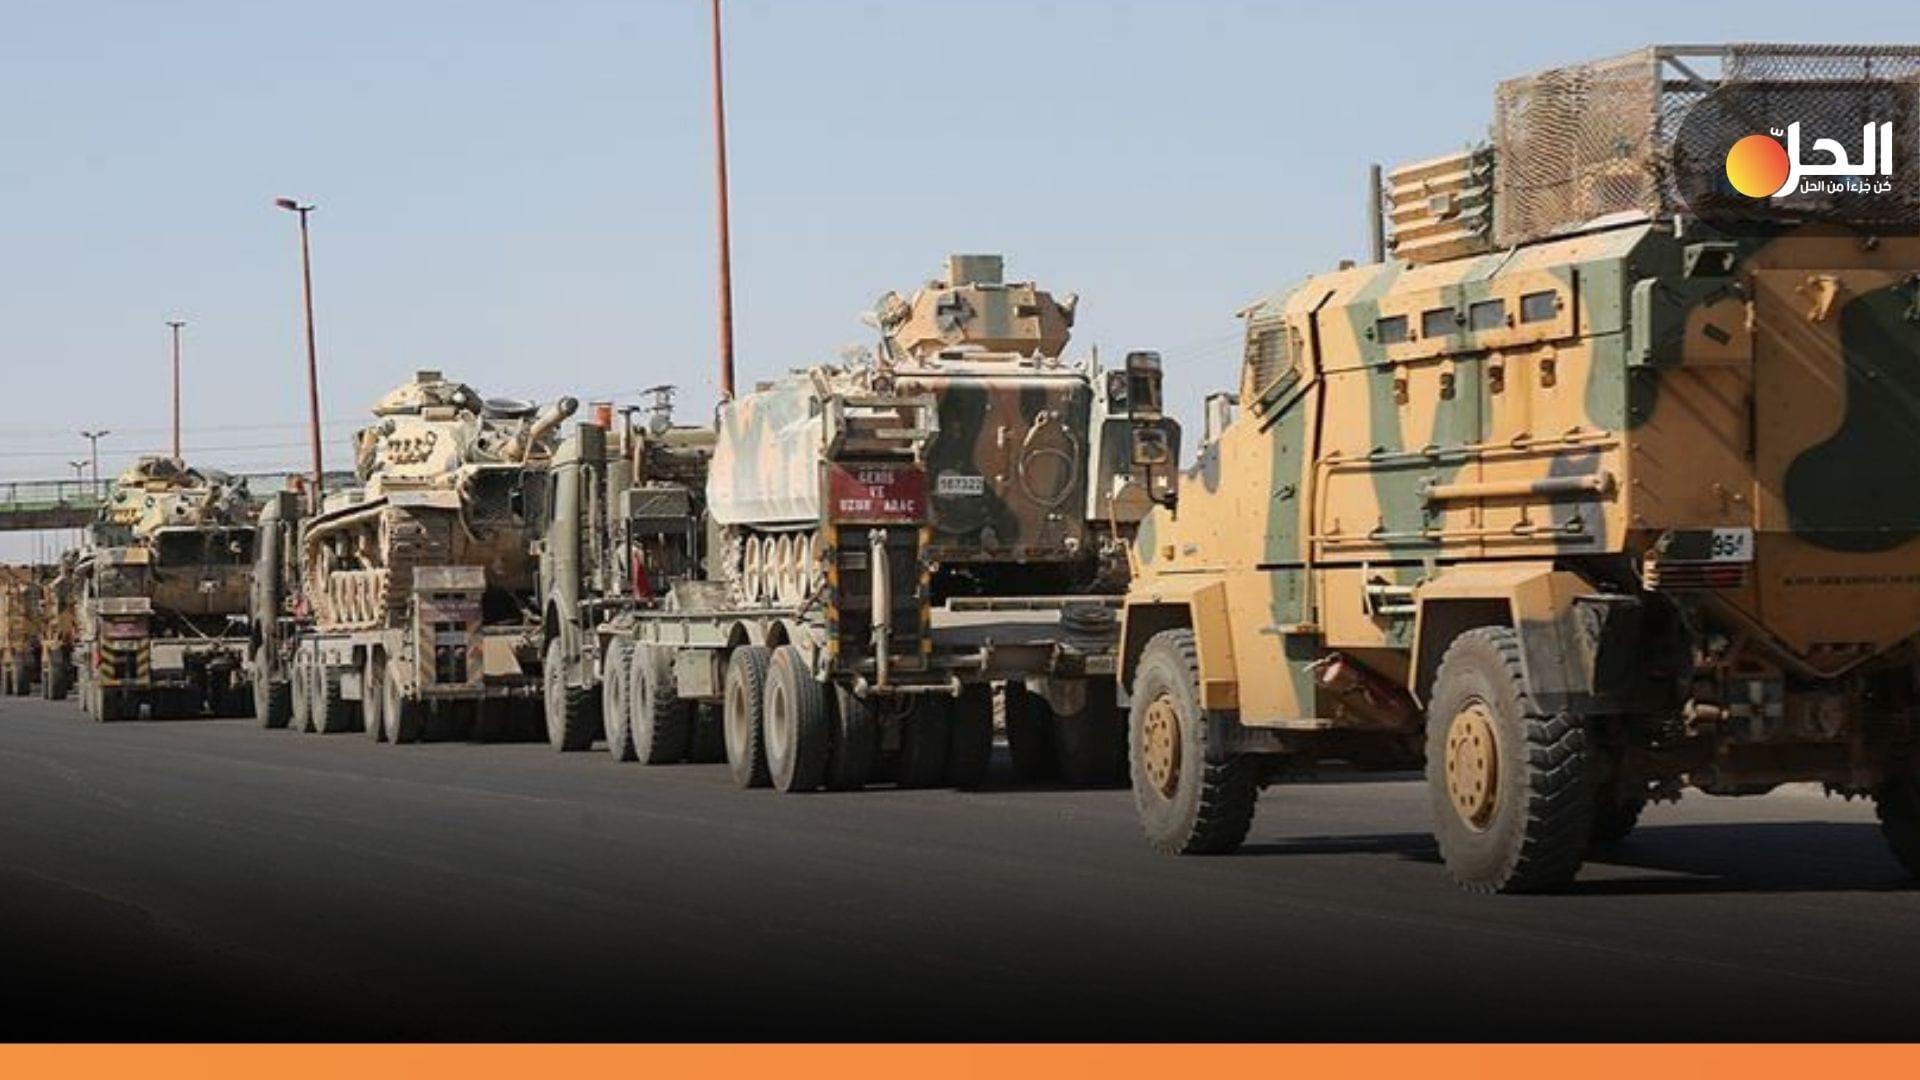 القوات التركية تُنهي سحب قاعدتها العسكرية غربي حلب